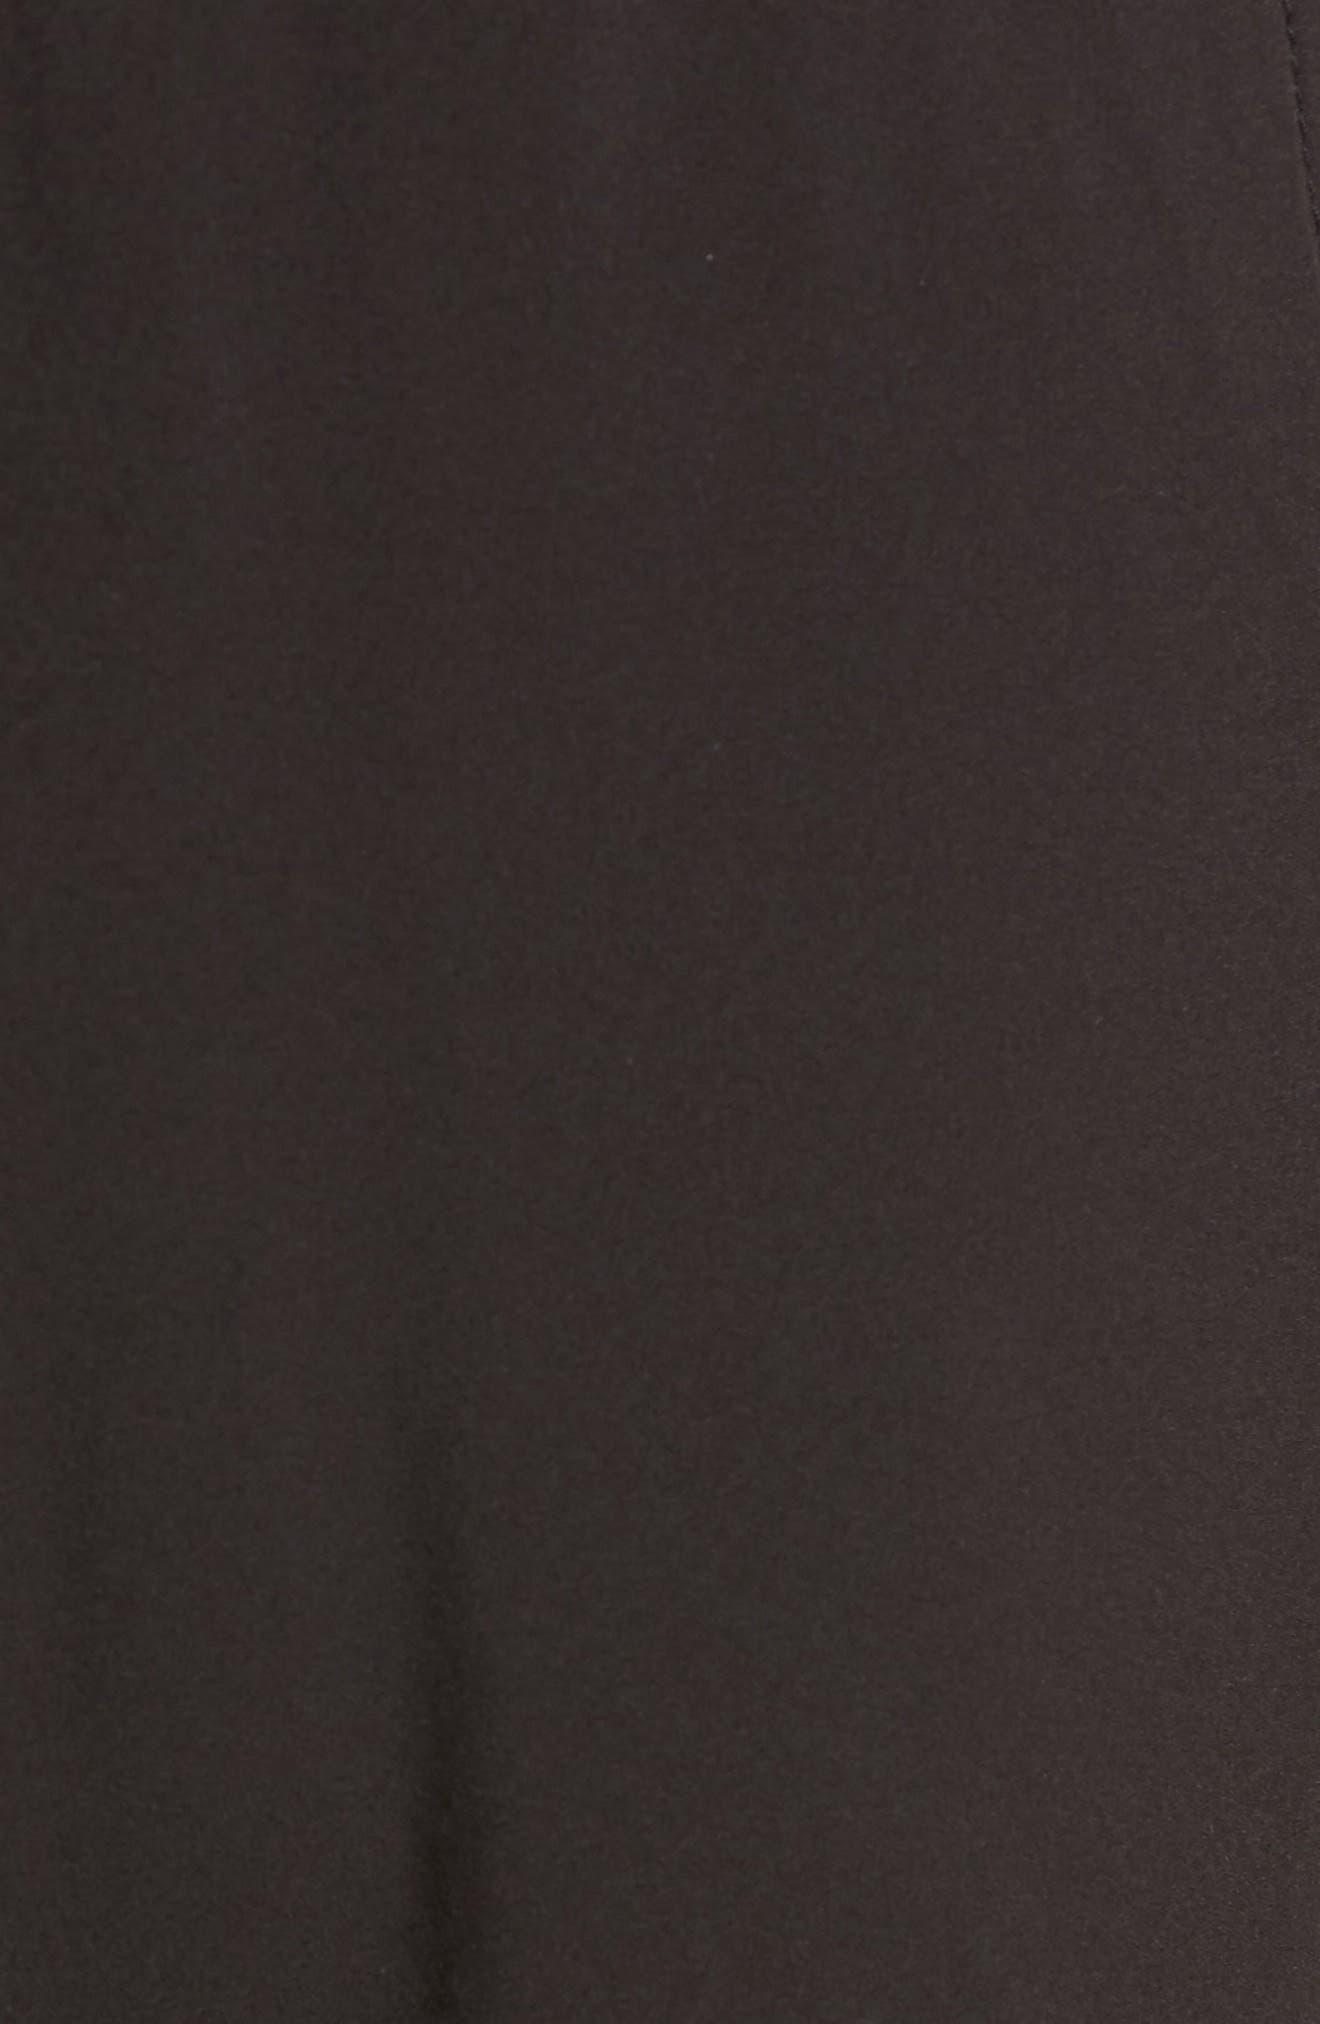 Kore Shorts,                             Alternate thumbnail 5, color,                             BLACK